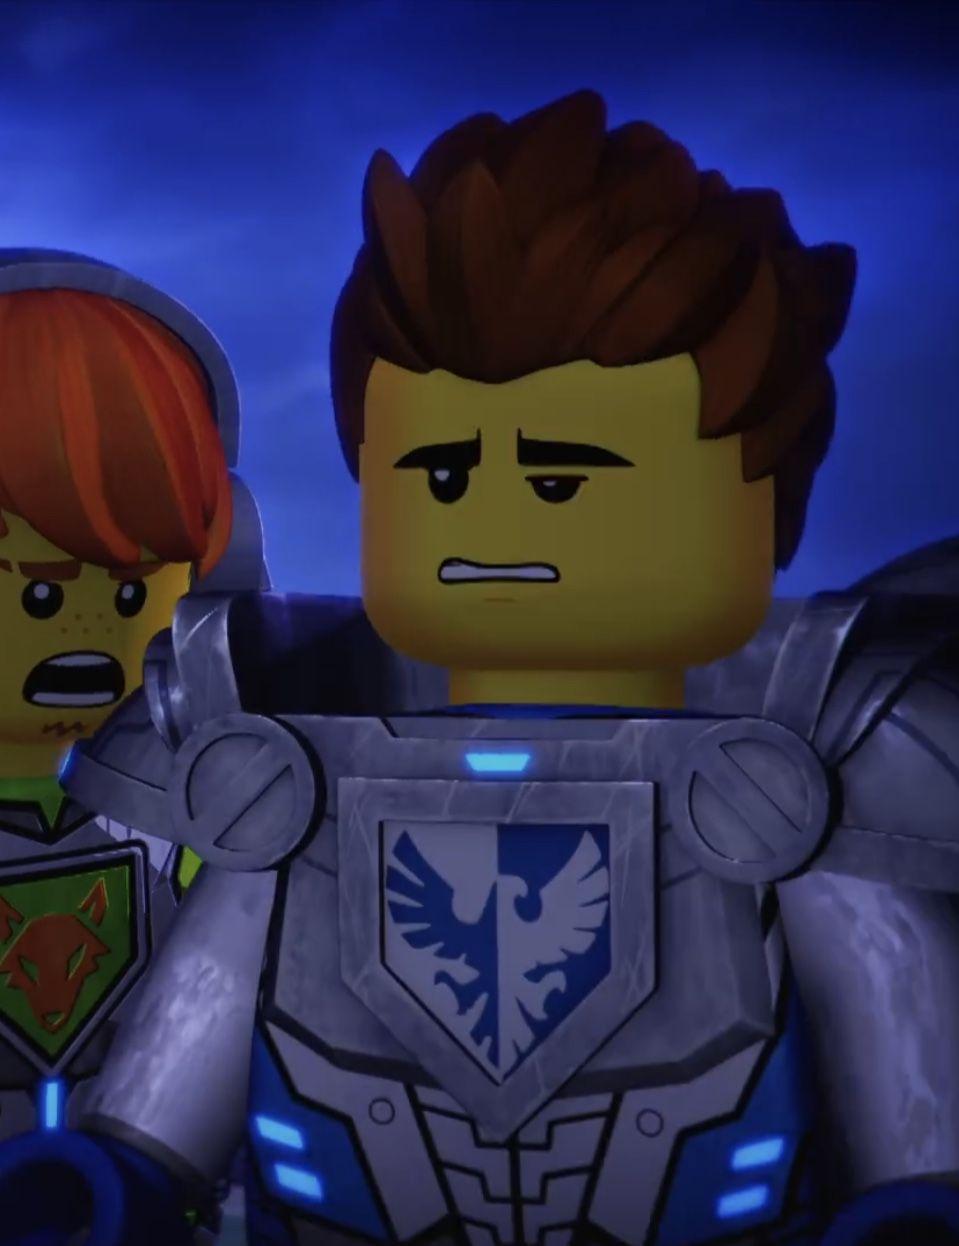 Pin By Mateusz On Nexo Knights Jestro Lego Worlds Knight Childhood